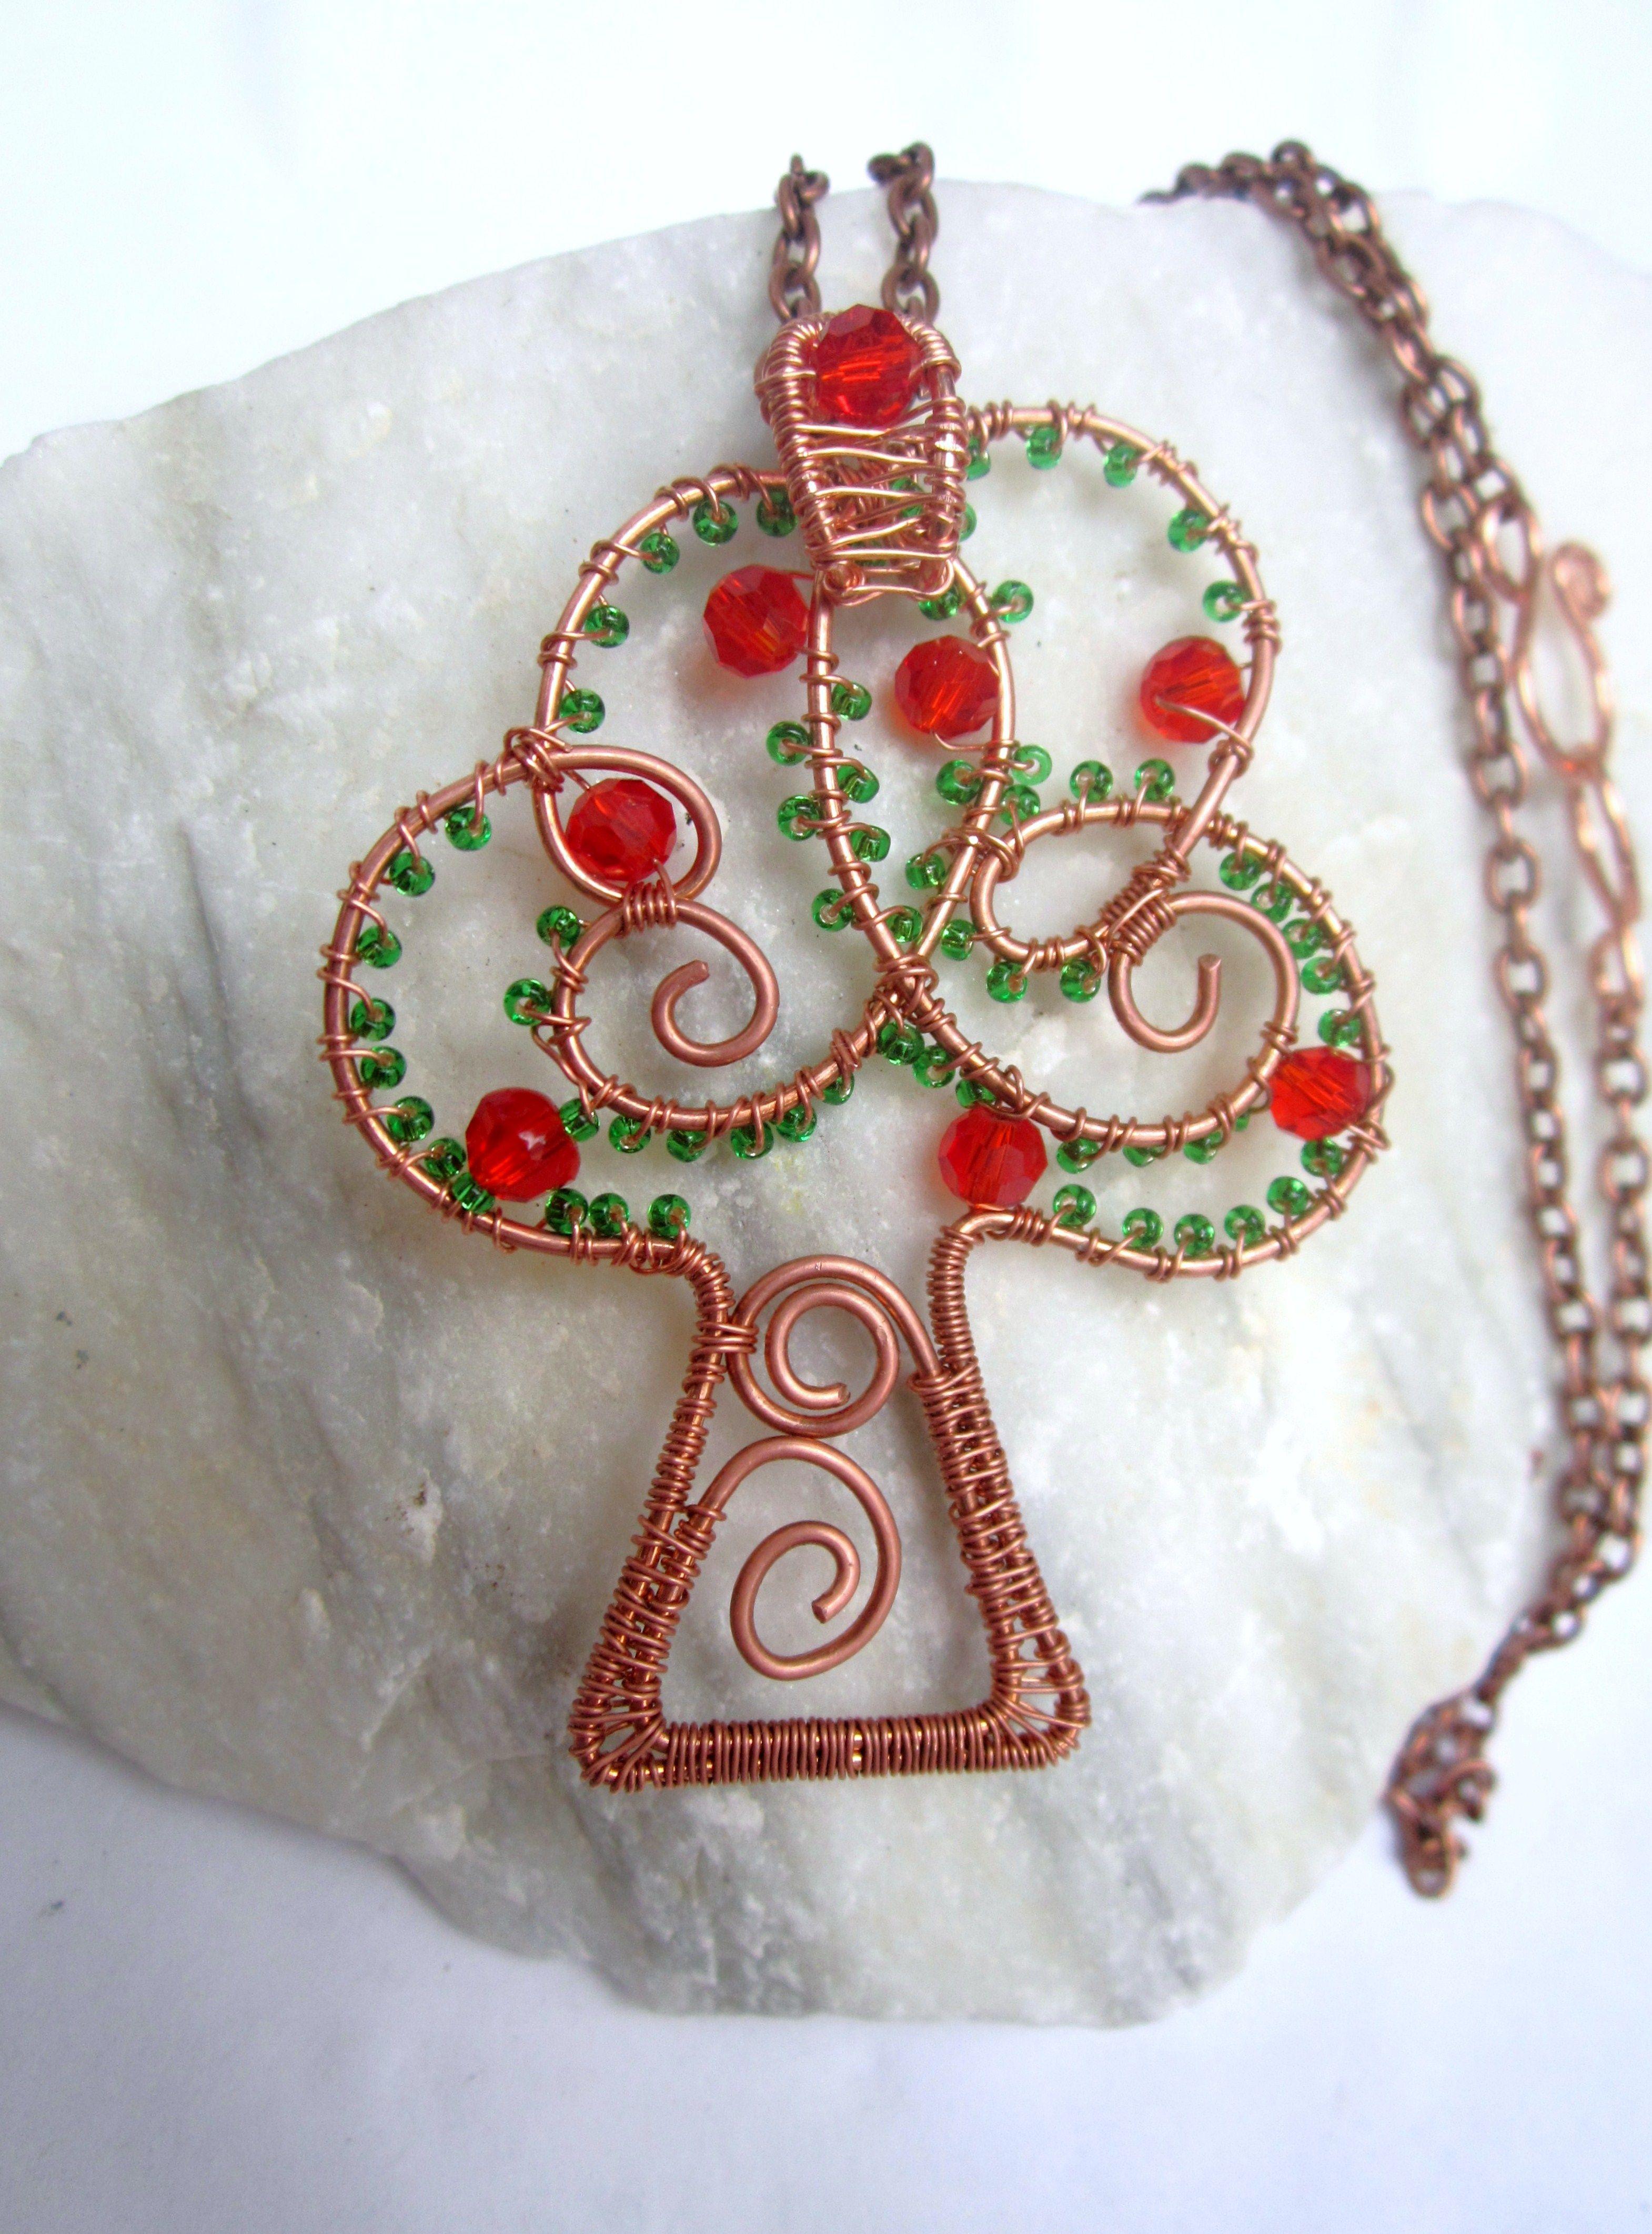 Collana con ciondolo in rame, cristalli e perline di vetro. Creative Wire: bigiotteria handmade (FaceBook)